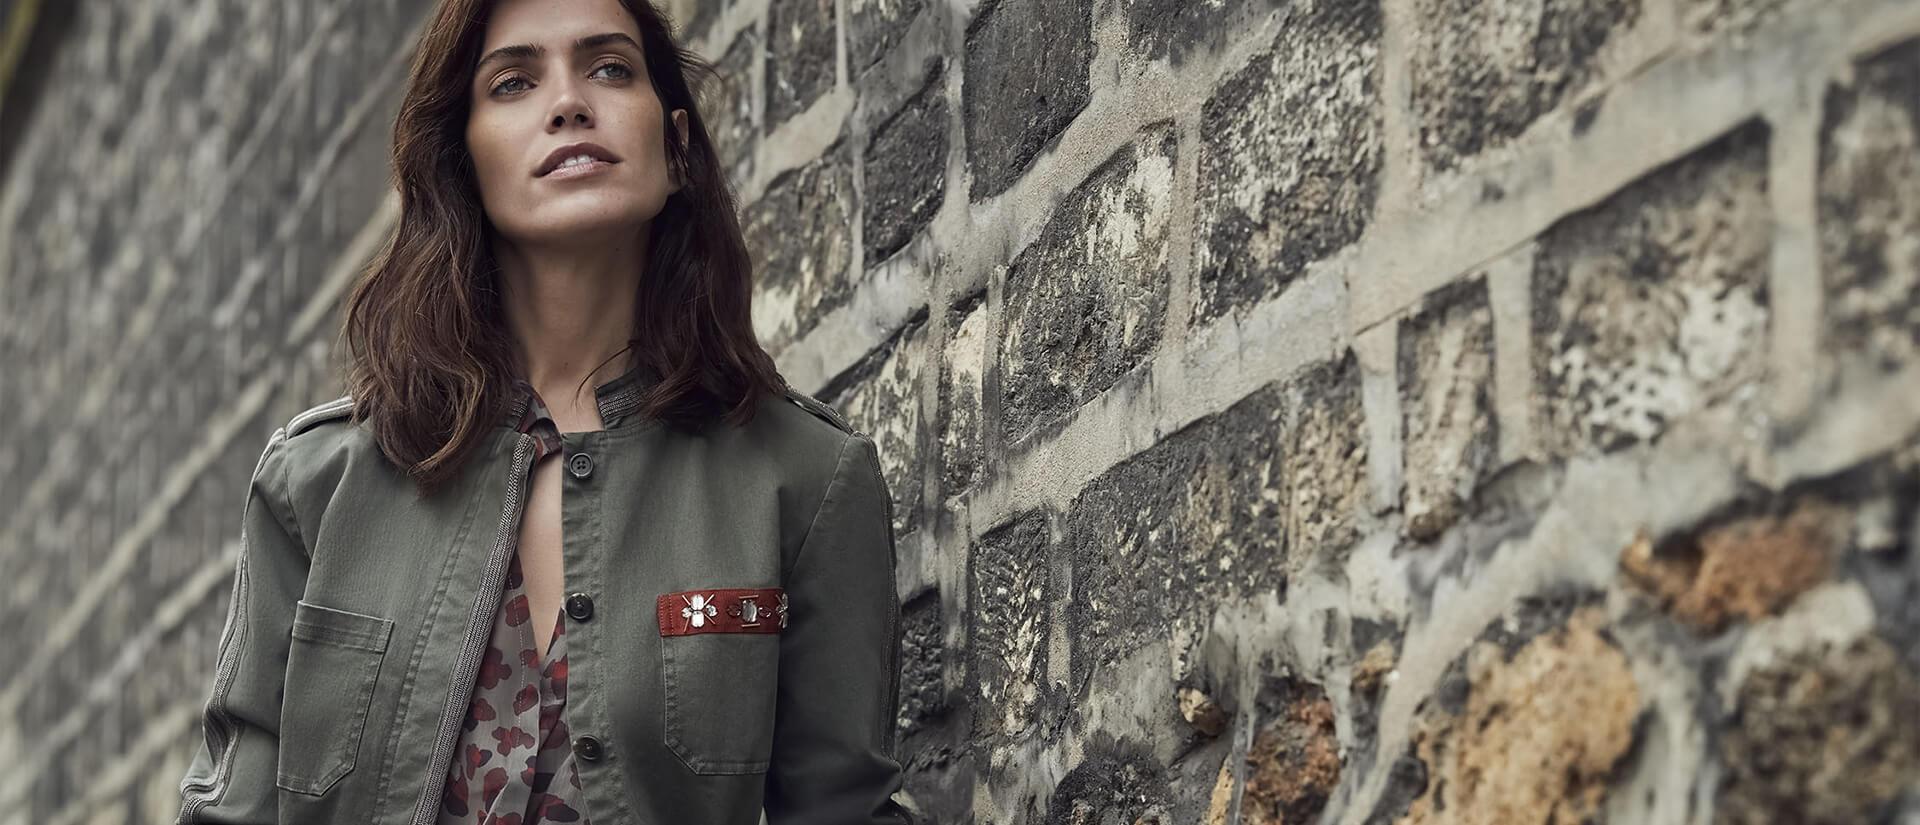 la marque maison cent vingt-trois: mode, accessoires, pret-a-porter pour  femme